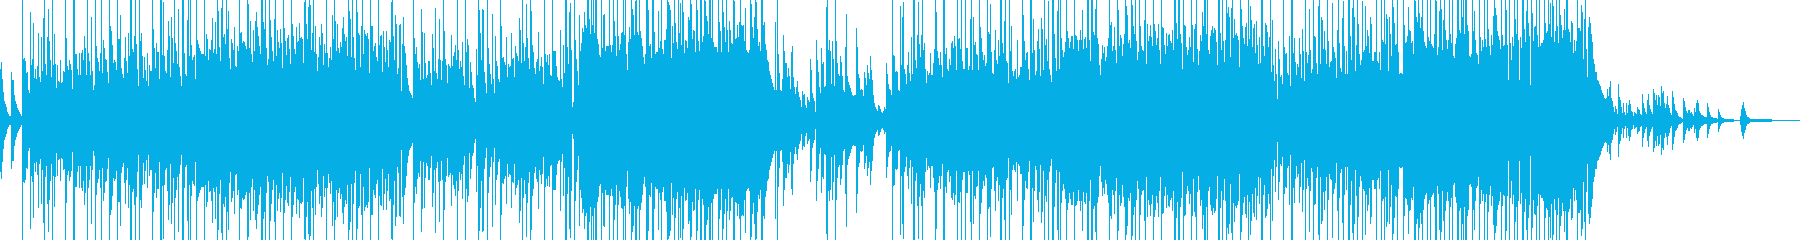 ピアノとフルートの柔和なスローバラードの再生済みの波形